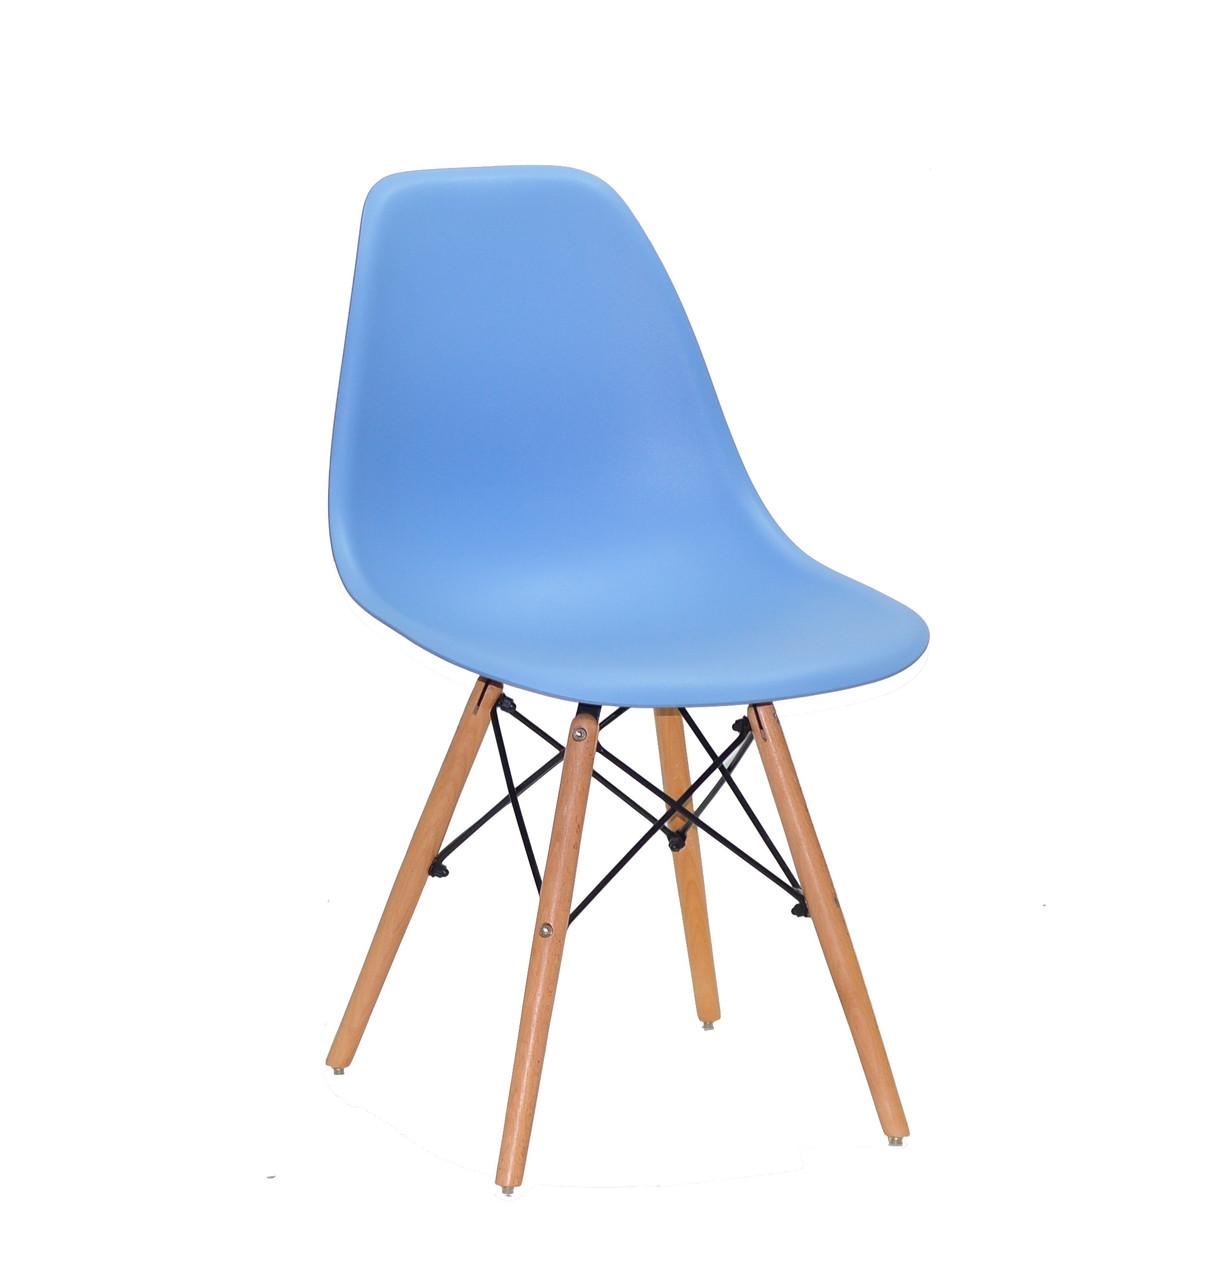 Пластиковый стул Nik - N (Ник Н) светло- синий 53 на деревянных ножках